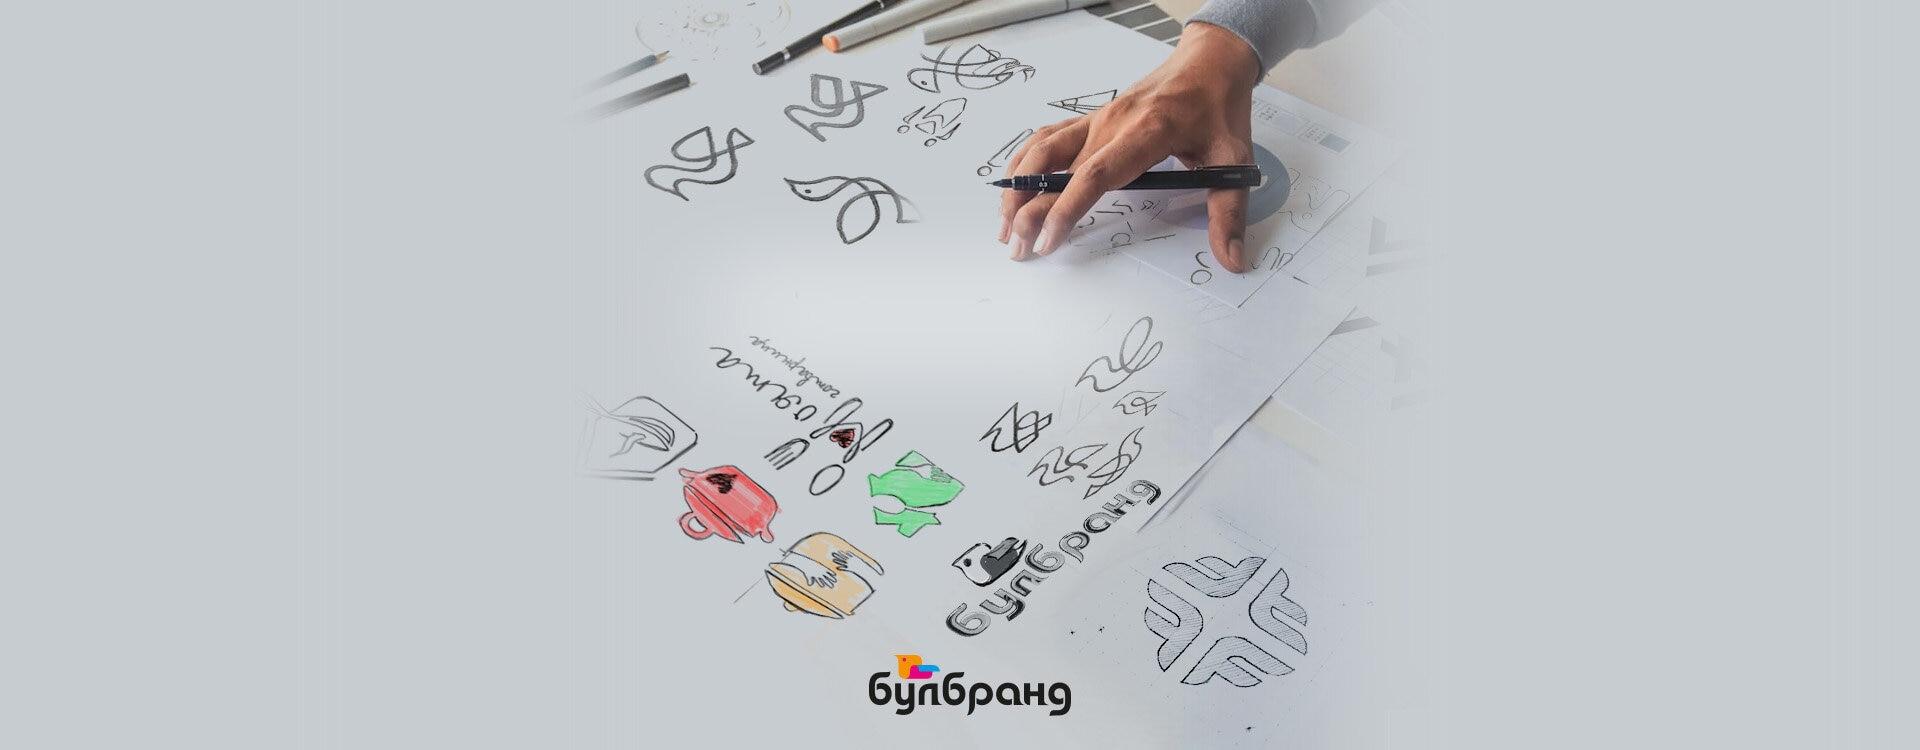 Дизайн на лого от Булбранд Медия ООД, изпрати запитване